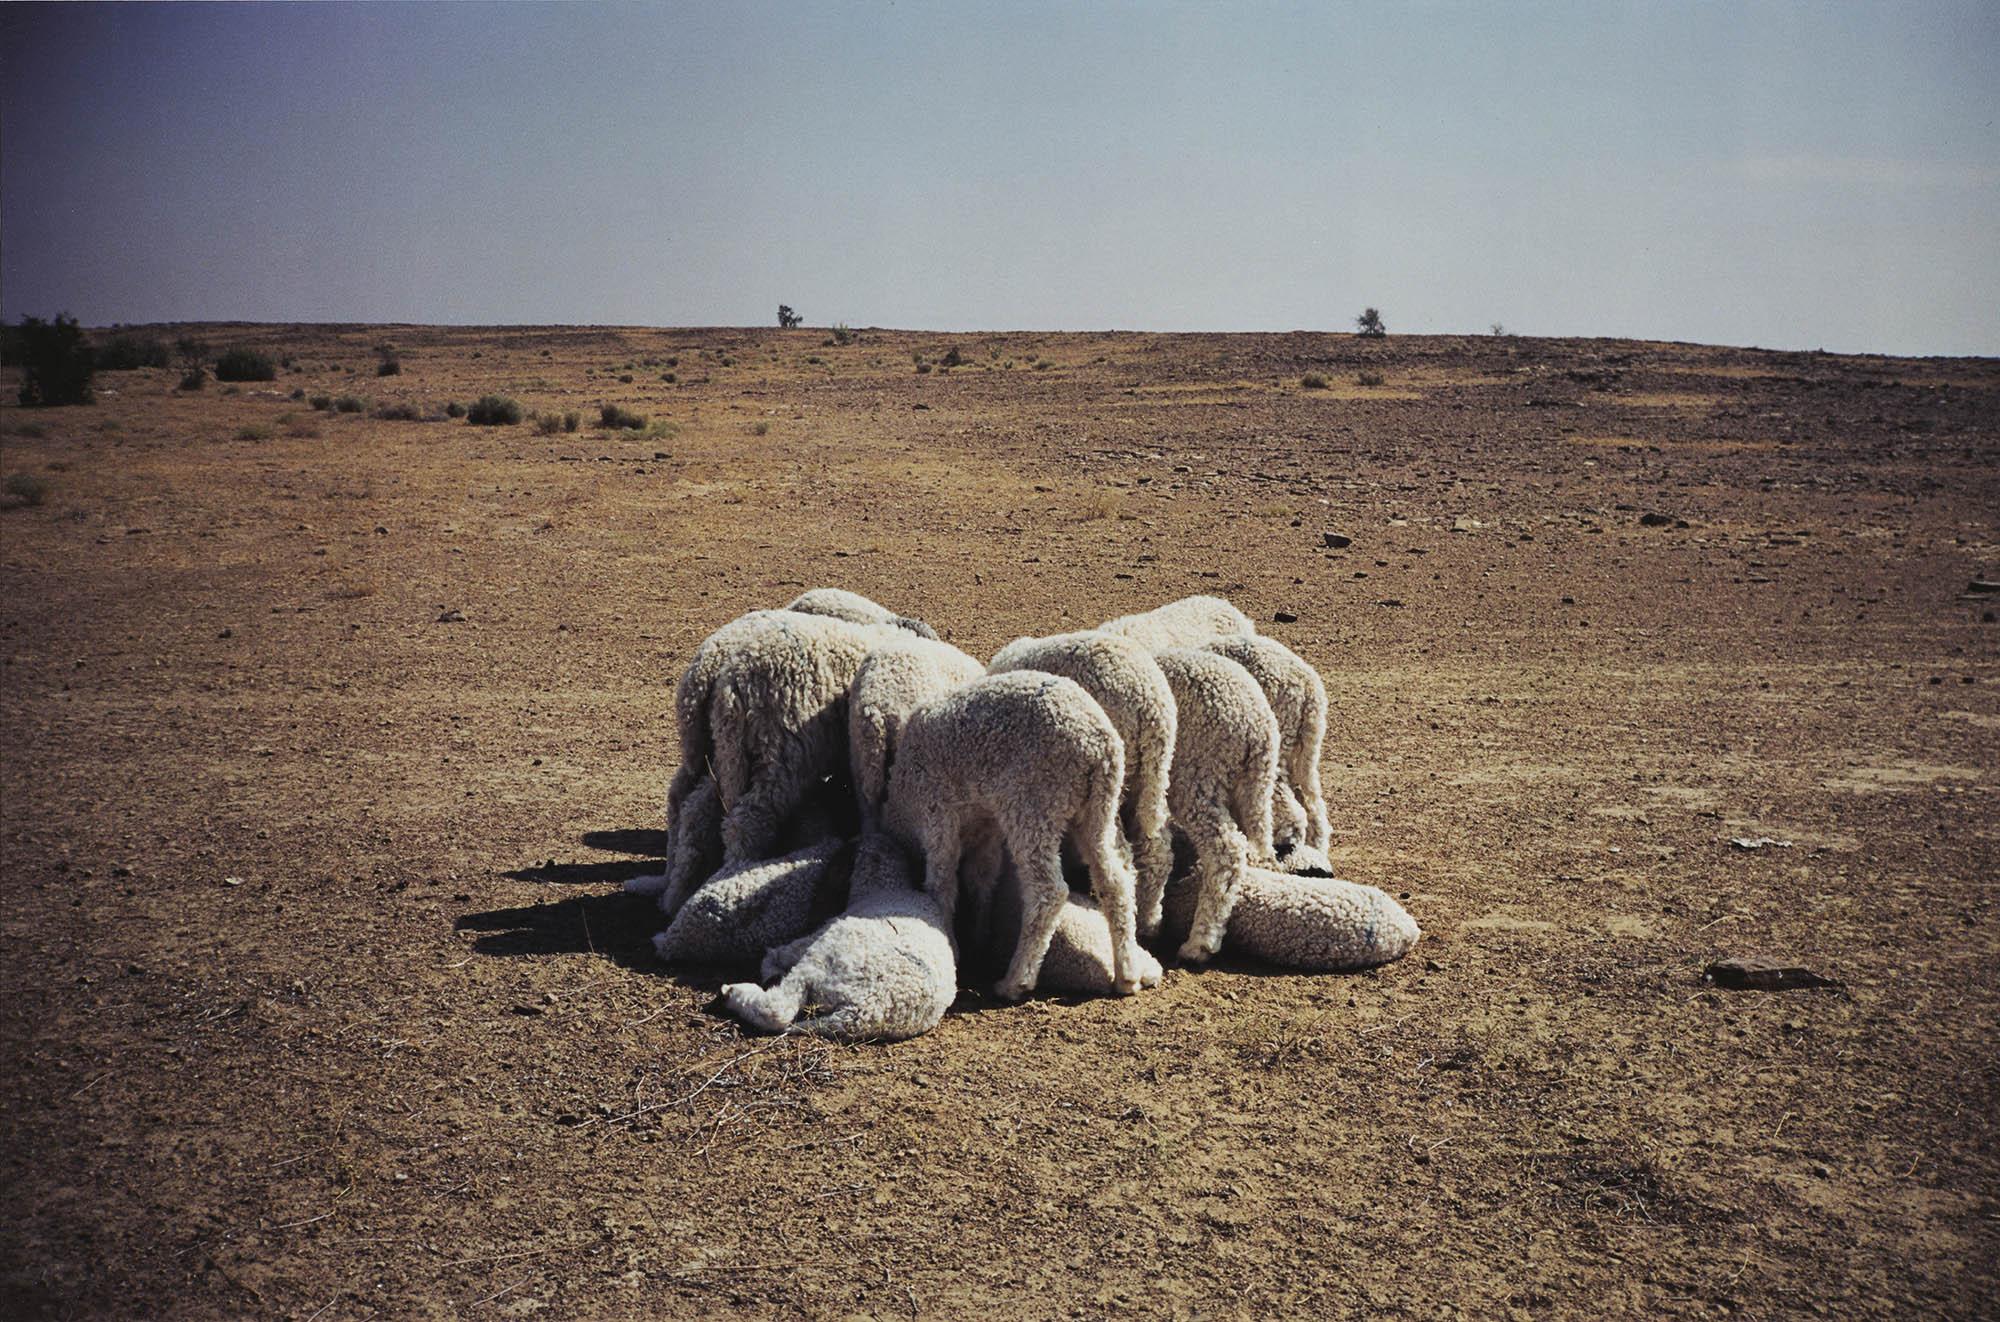 Gabriel Orozco, Common Dream, 1996